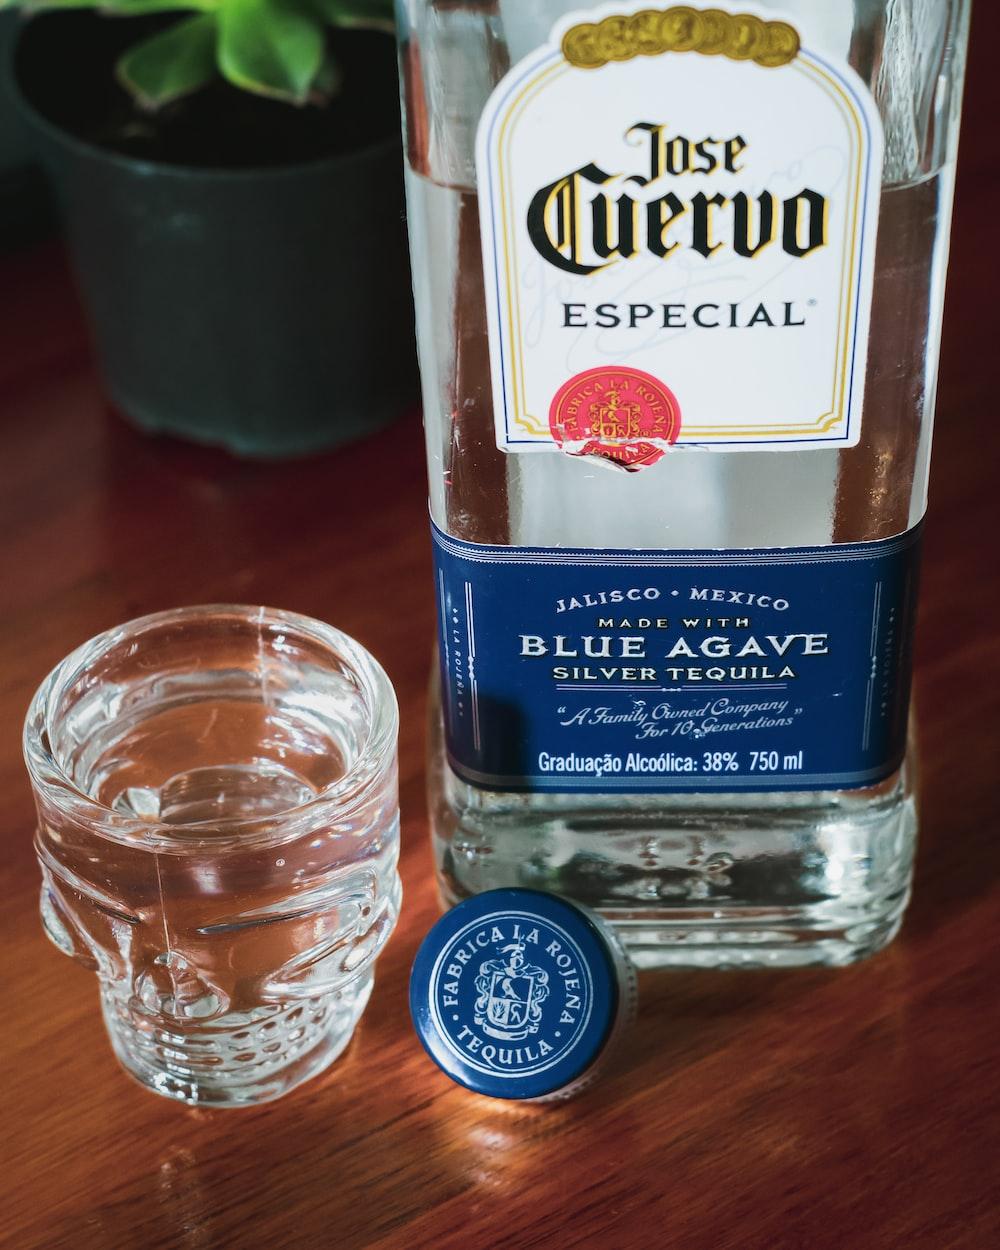 Jose Cuervo Especial Blue Agave bottle